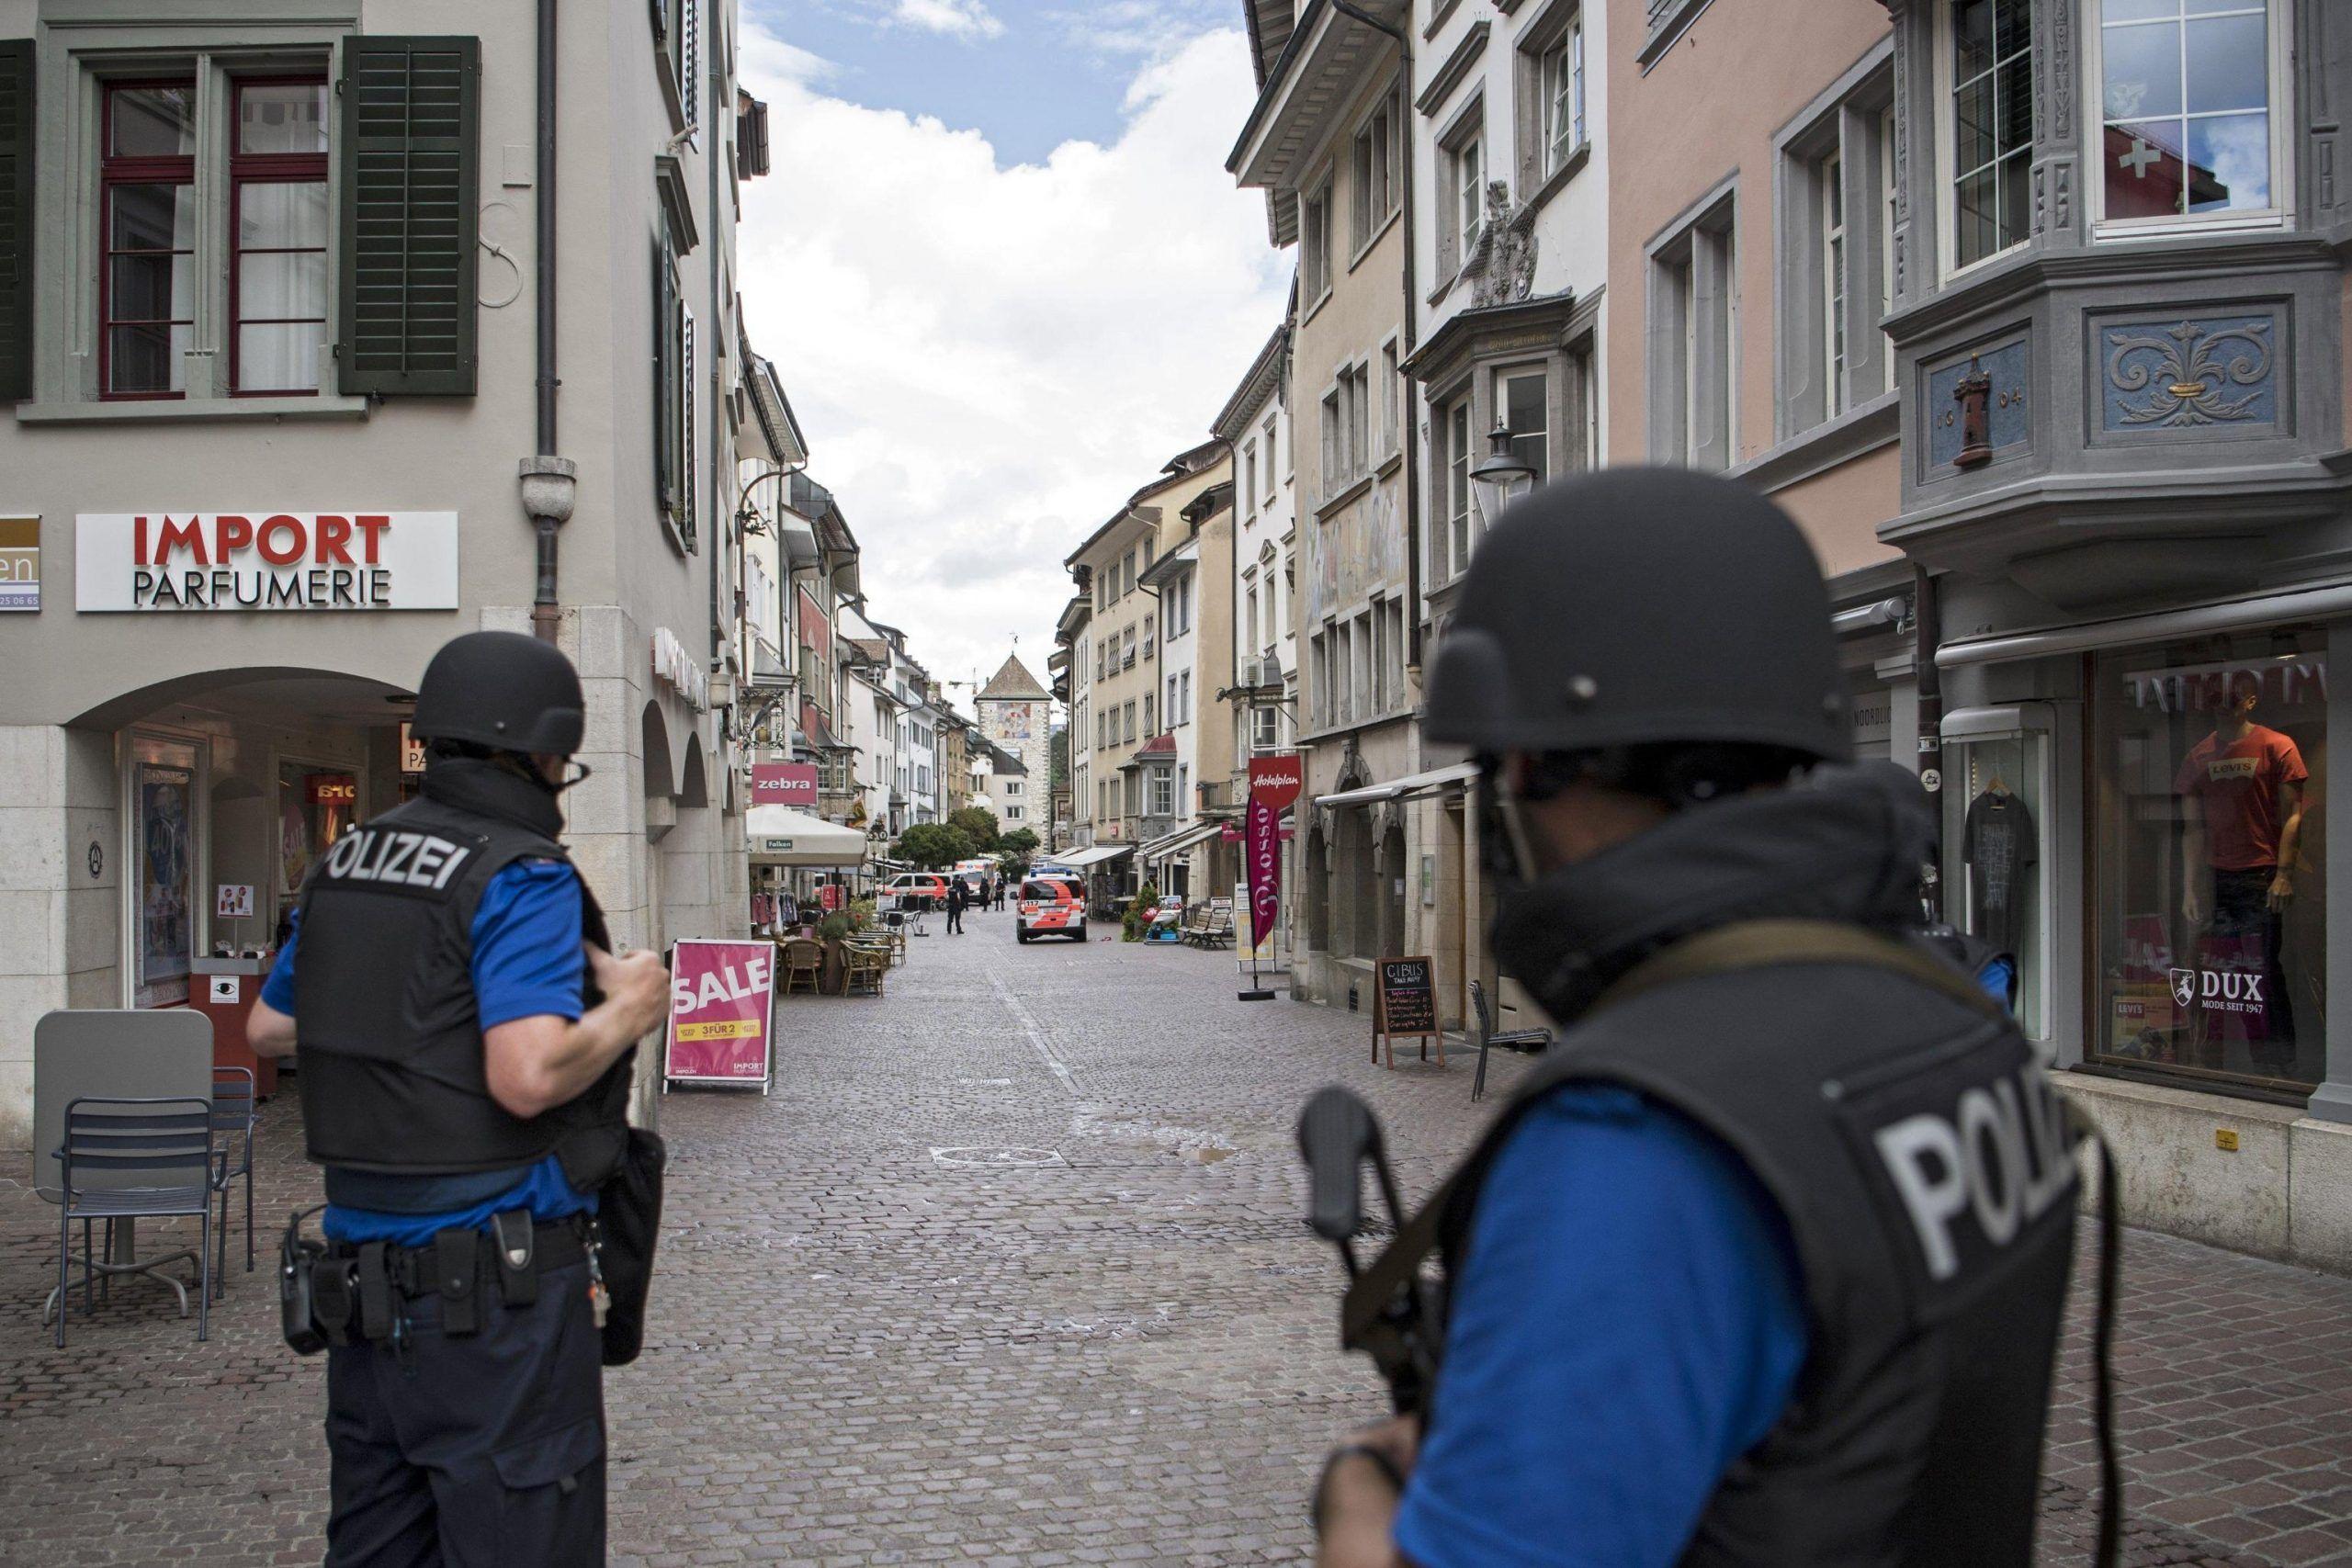 Svizzera, uomo con motosega ferisce 5 persone